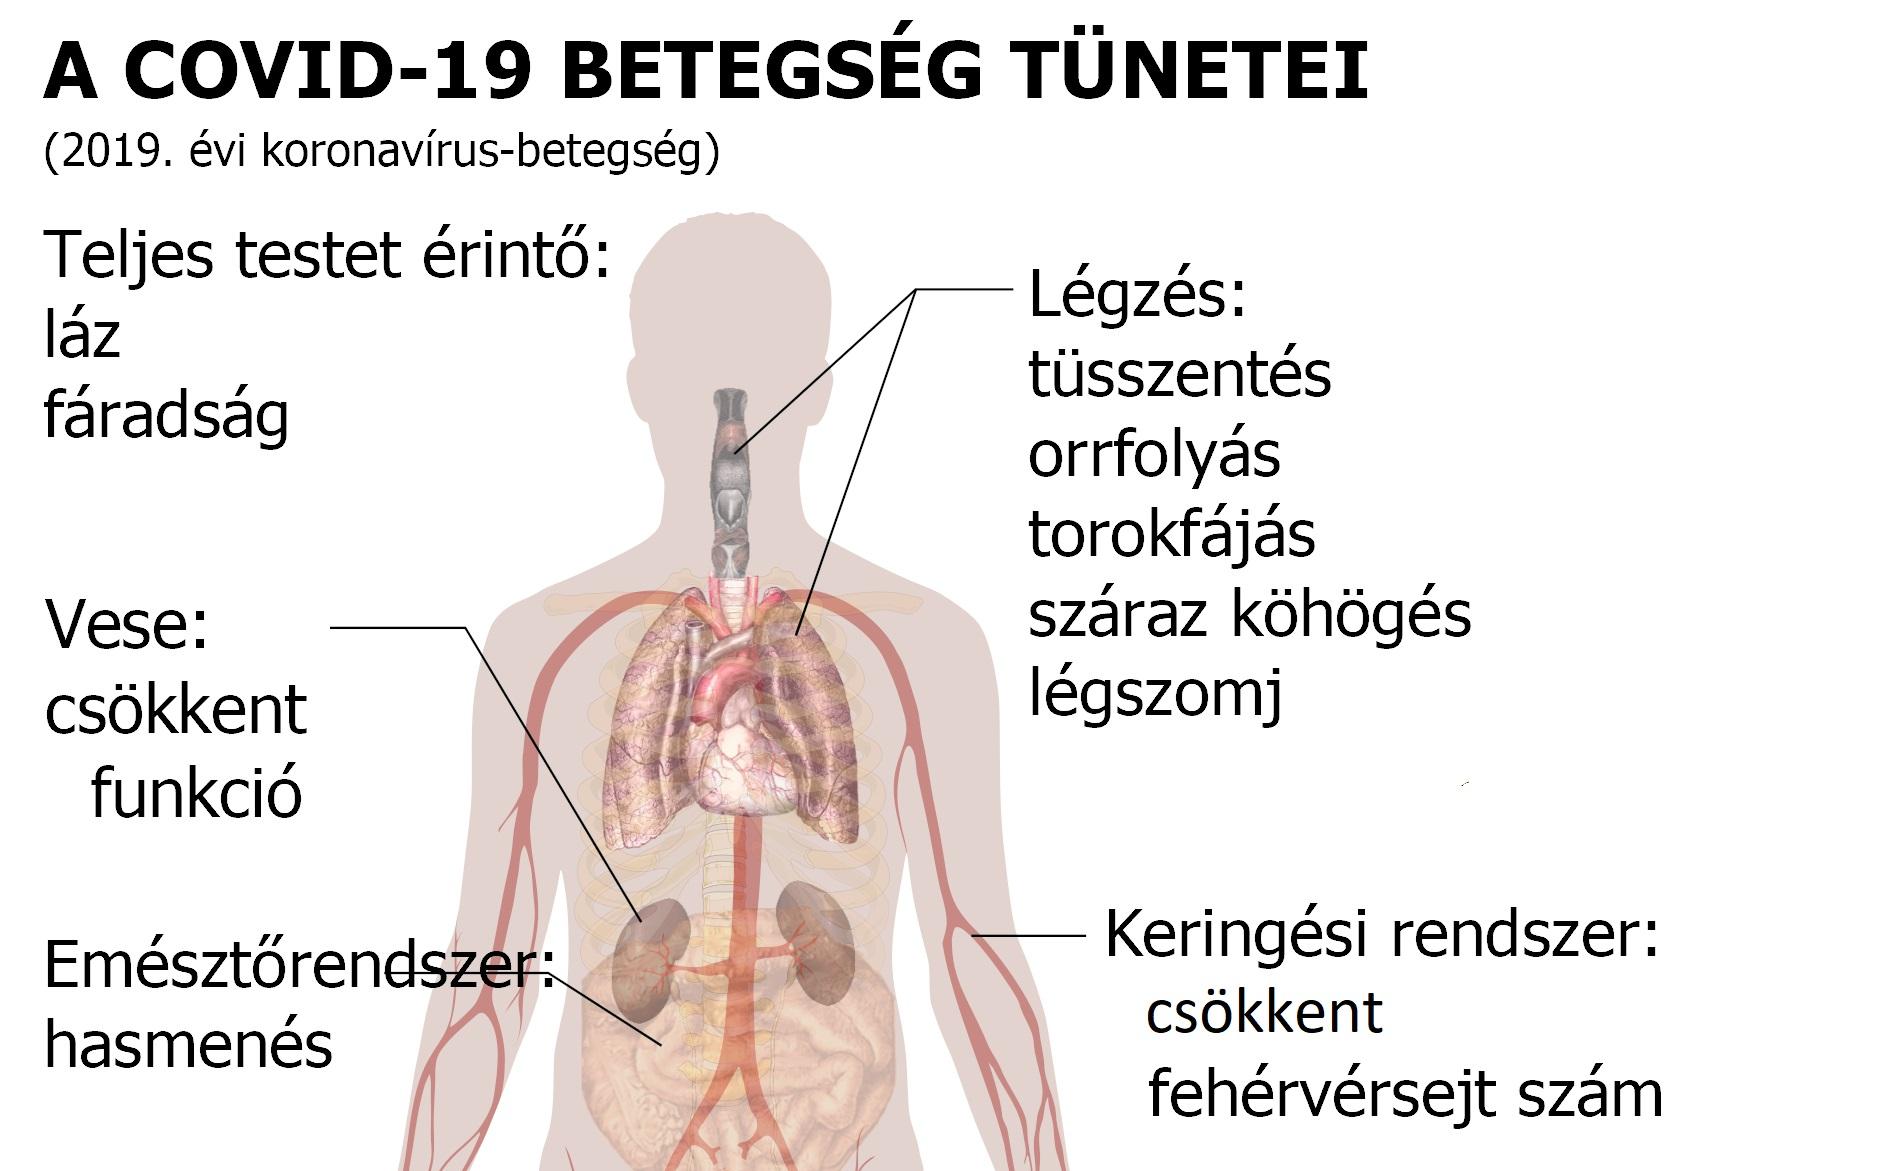 vese magas vérnyomás elleni gyógyszerek)